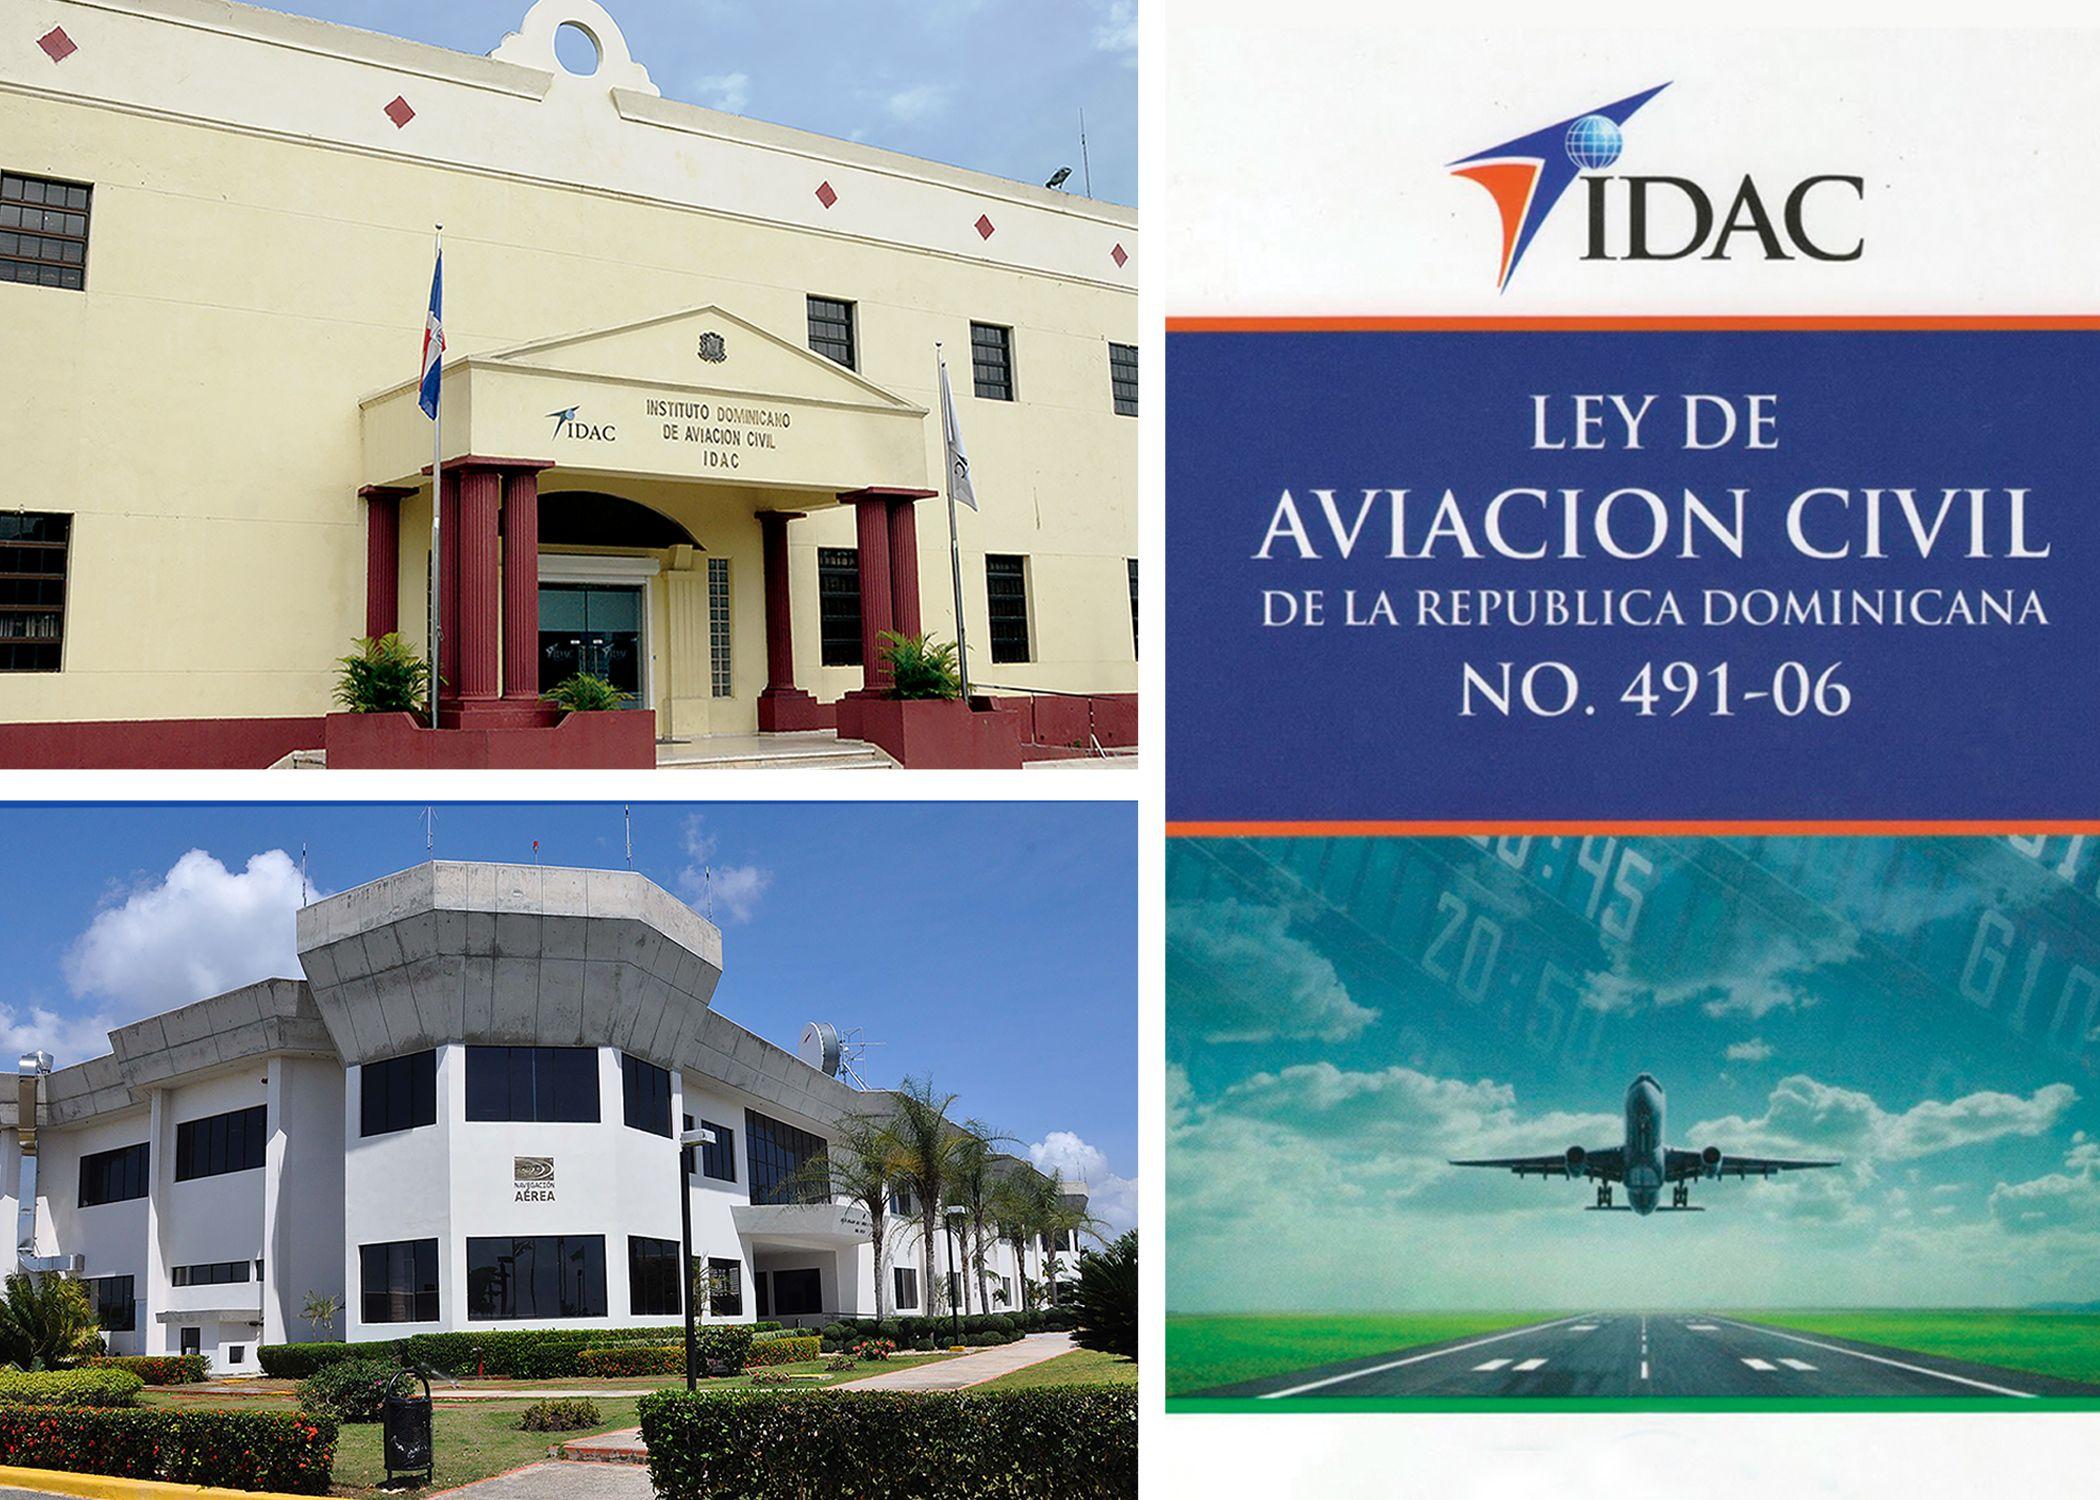 <p>El IDAC afirma que valores &eacute;ticos y profesionales han primado siempre en su desempe&ntilde;o institucional</p>